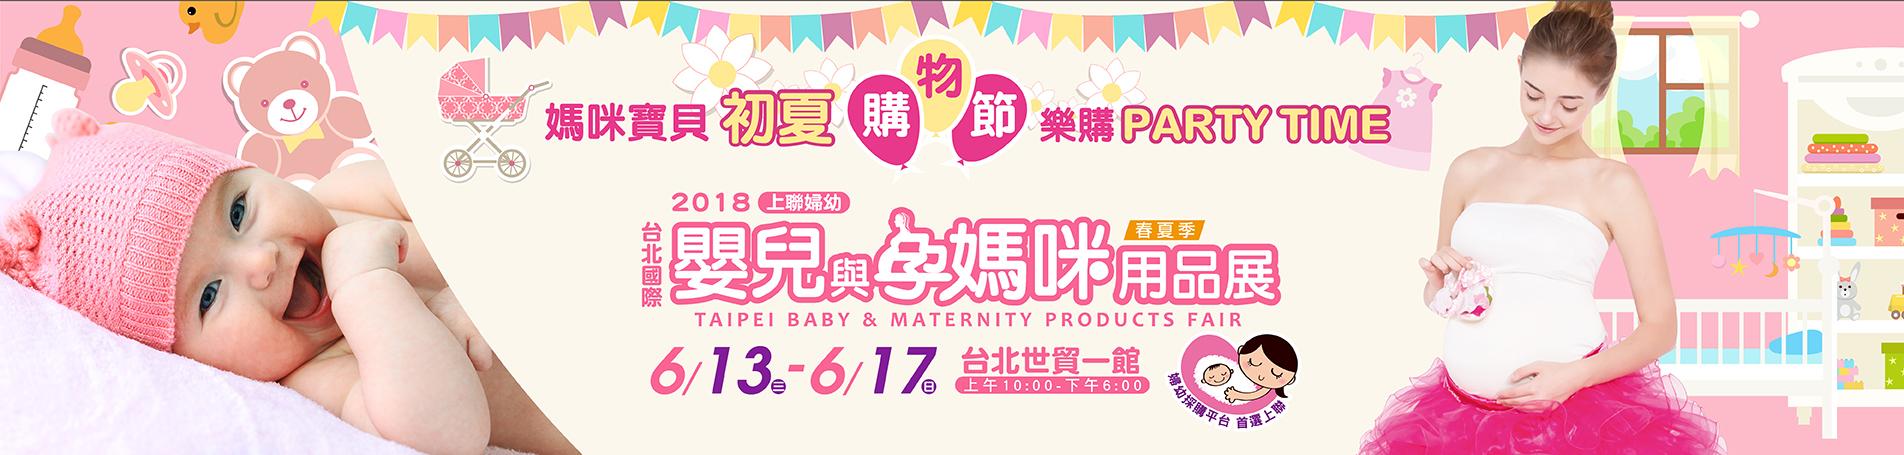 2018/6月台北國際婦幼展覽|嬰兒/孕媽咪用品展 - 上聯婦幼展